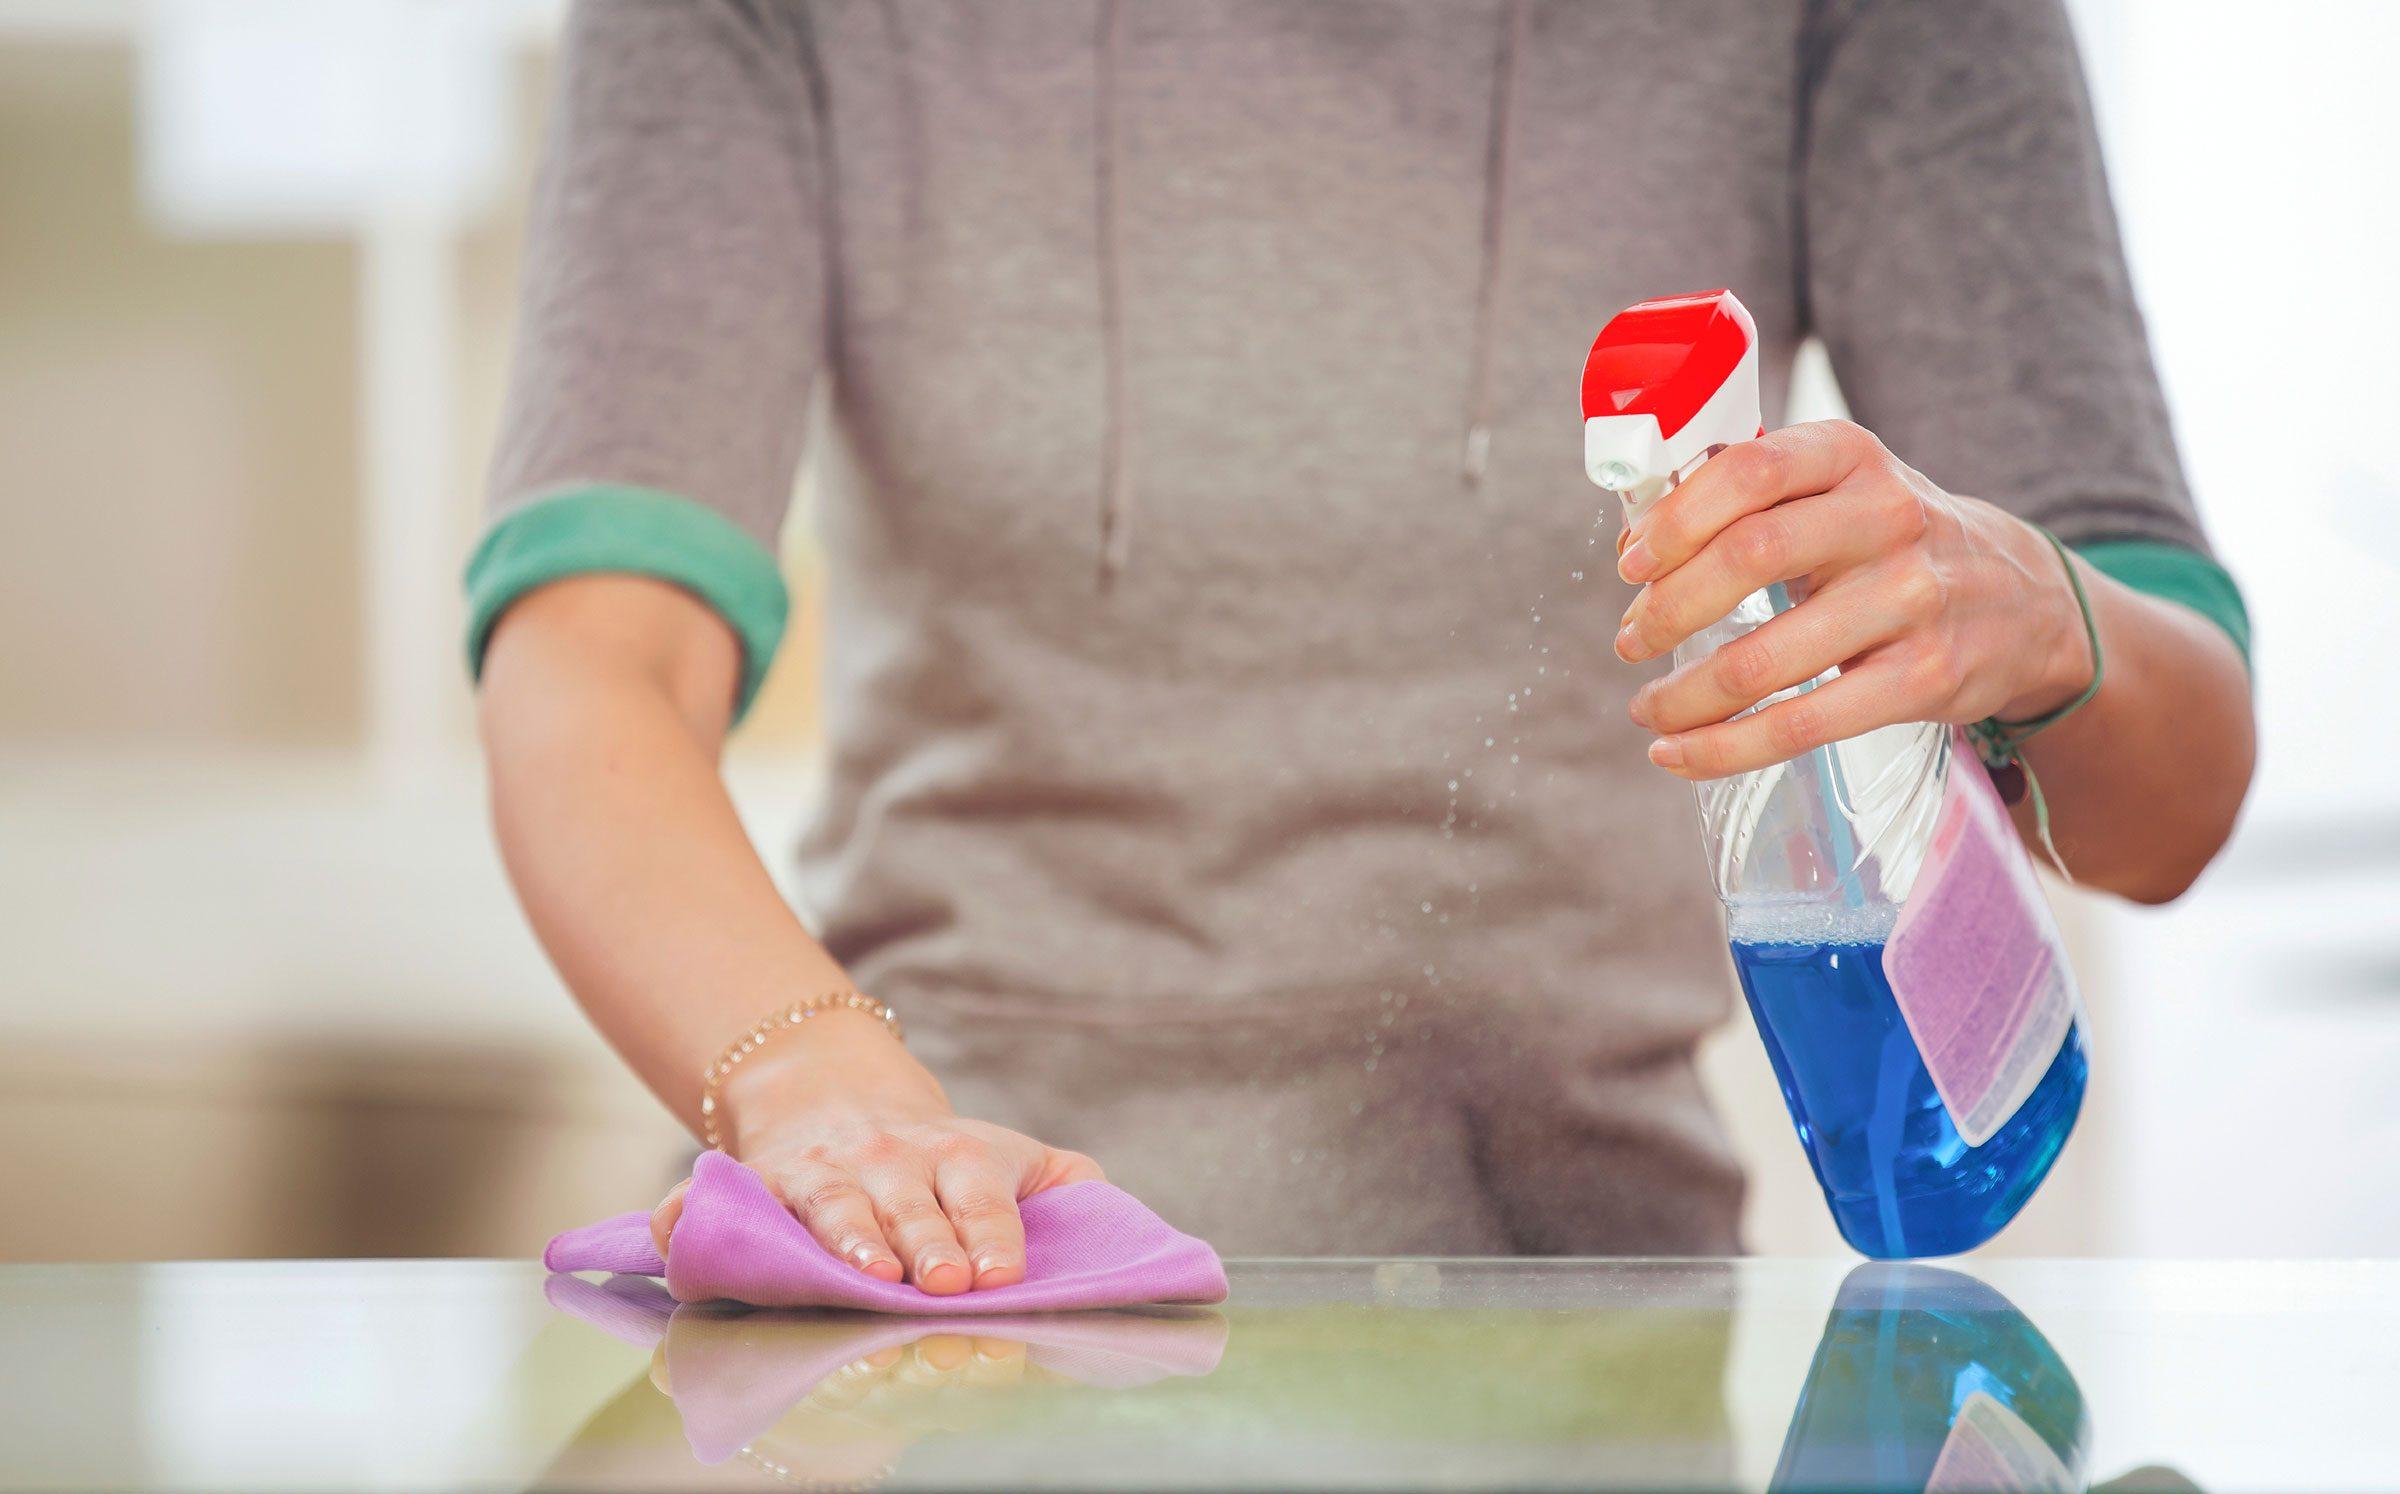 how to clean silver 13 weird ways reader s digest window cleaner